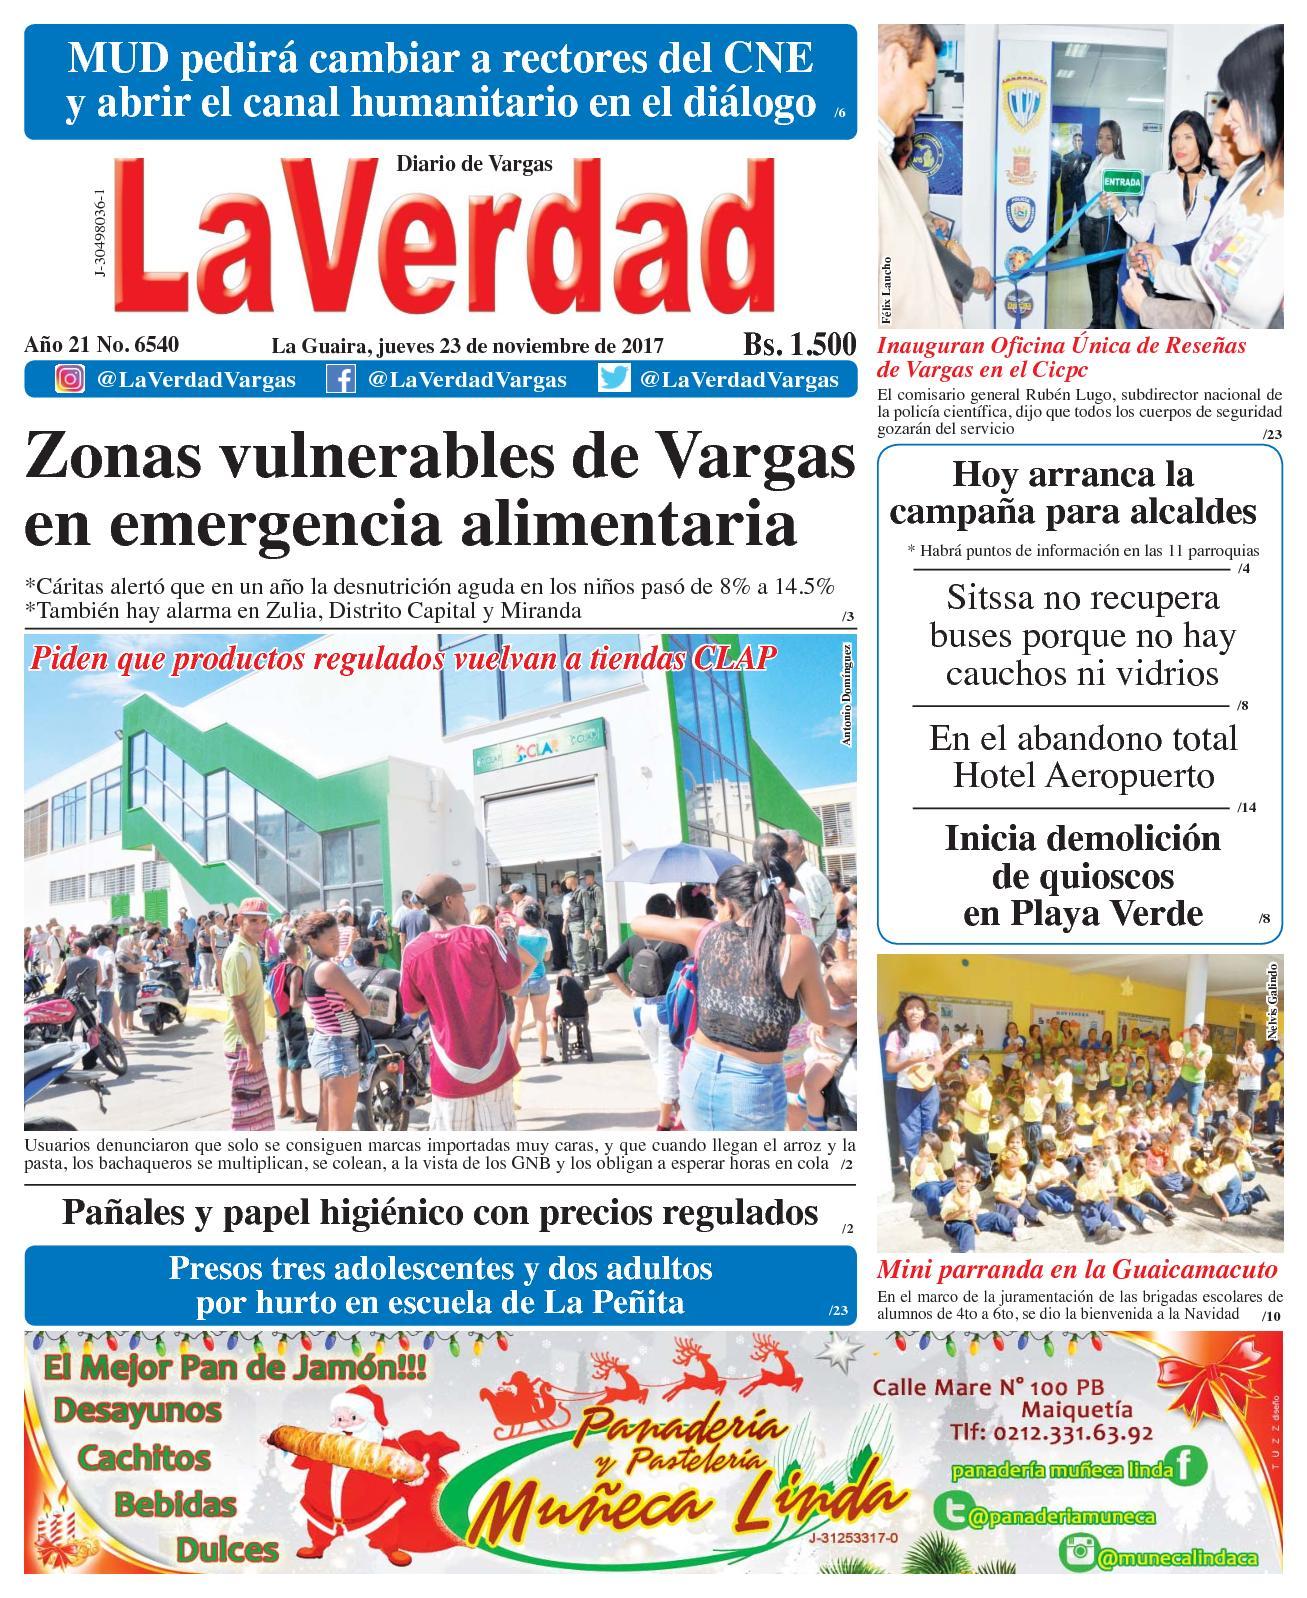 La Guaira, jueves 23 de Noviembre De 2017 . Año 20 No 6540